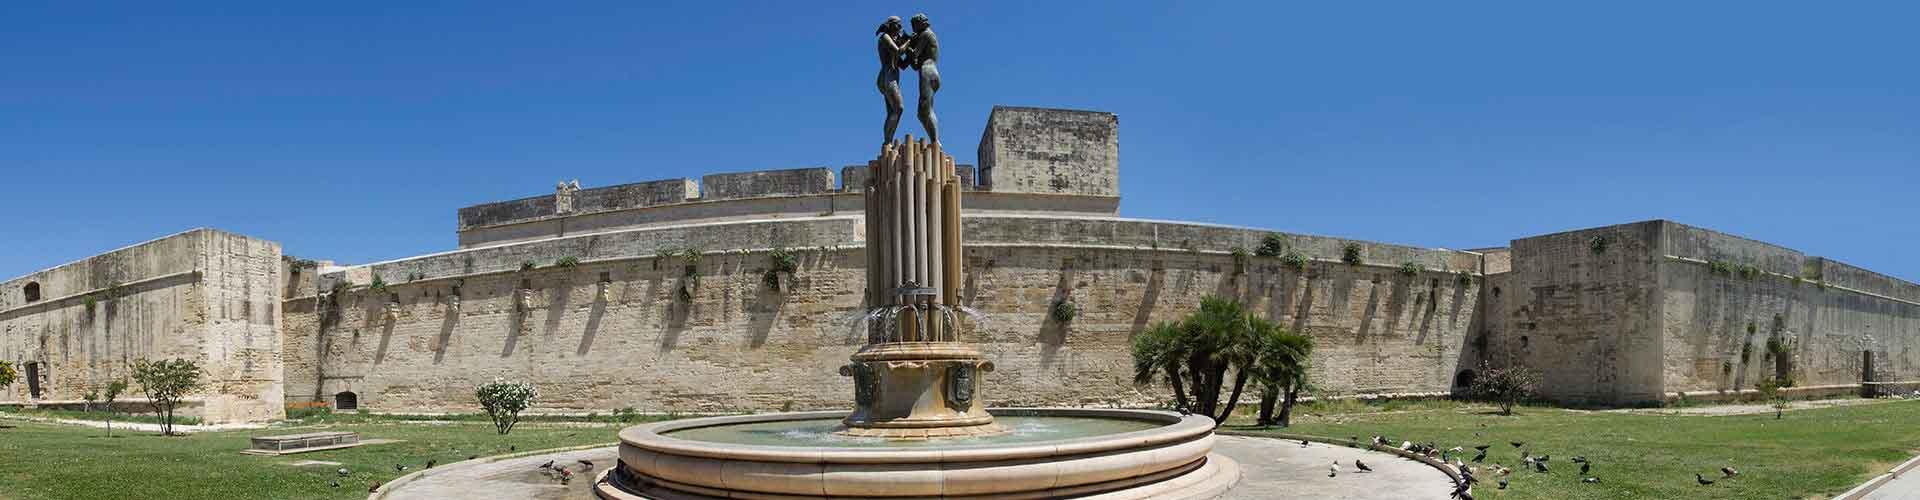 Lecce - Hôtels à Lecce. Cartes pour Lecce, photos et commentaires pour chaque hôtel à Lecce.